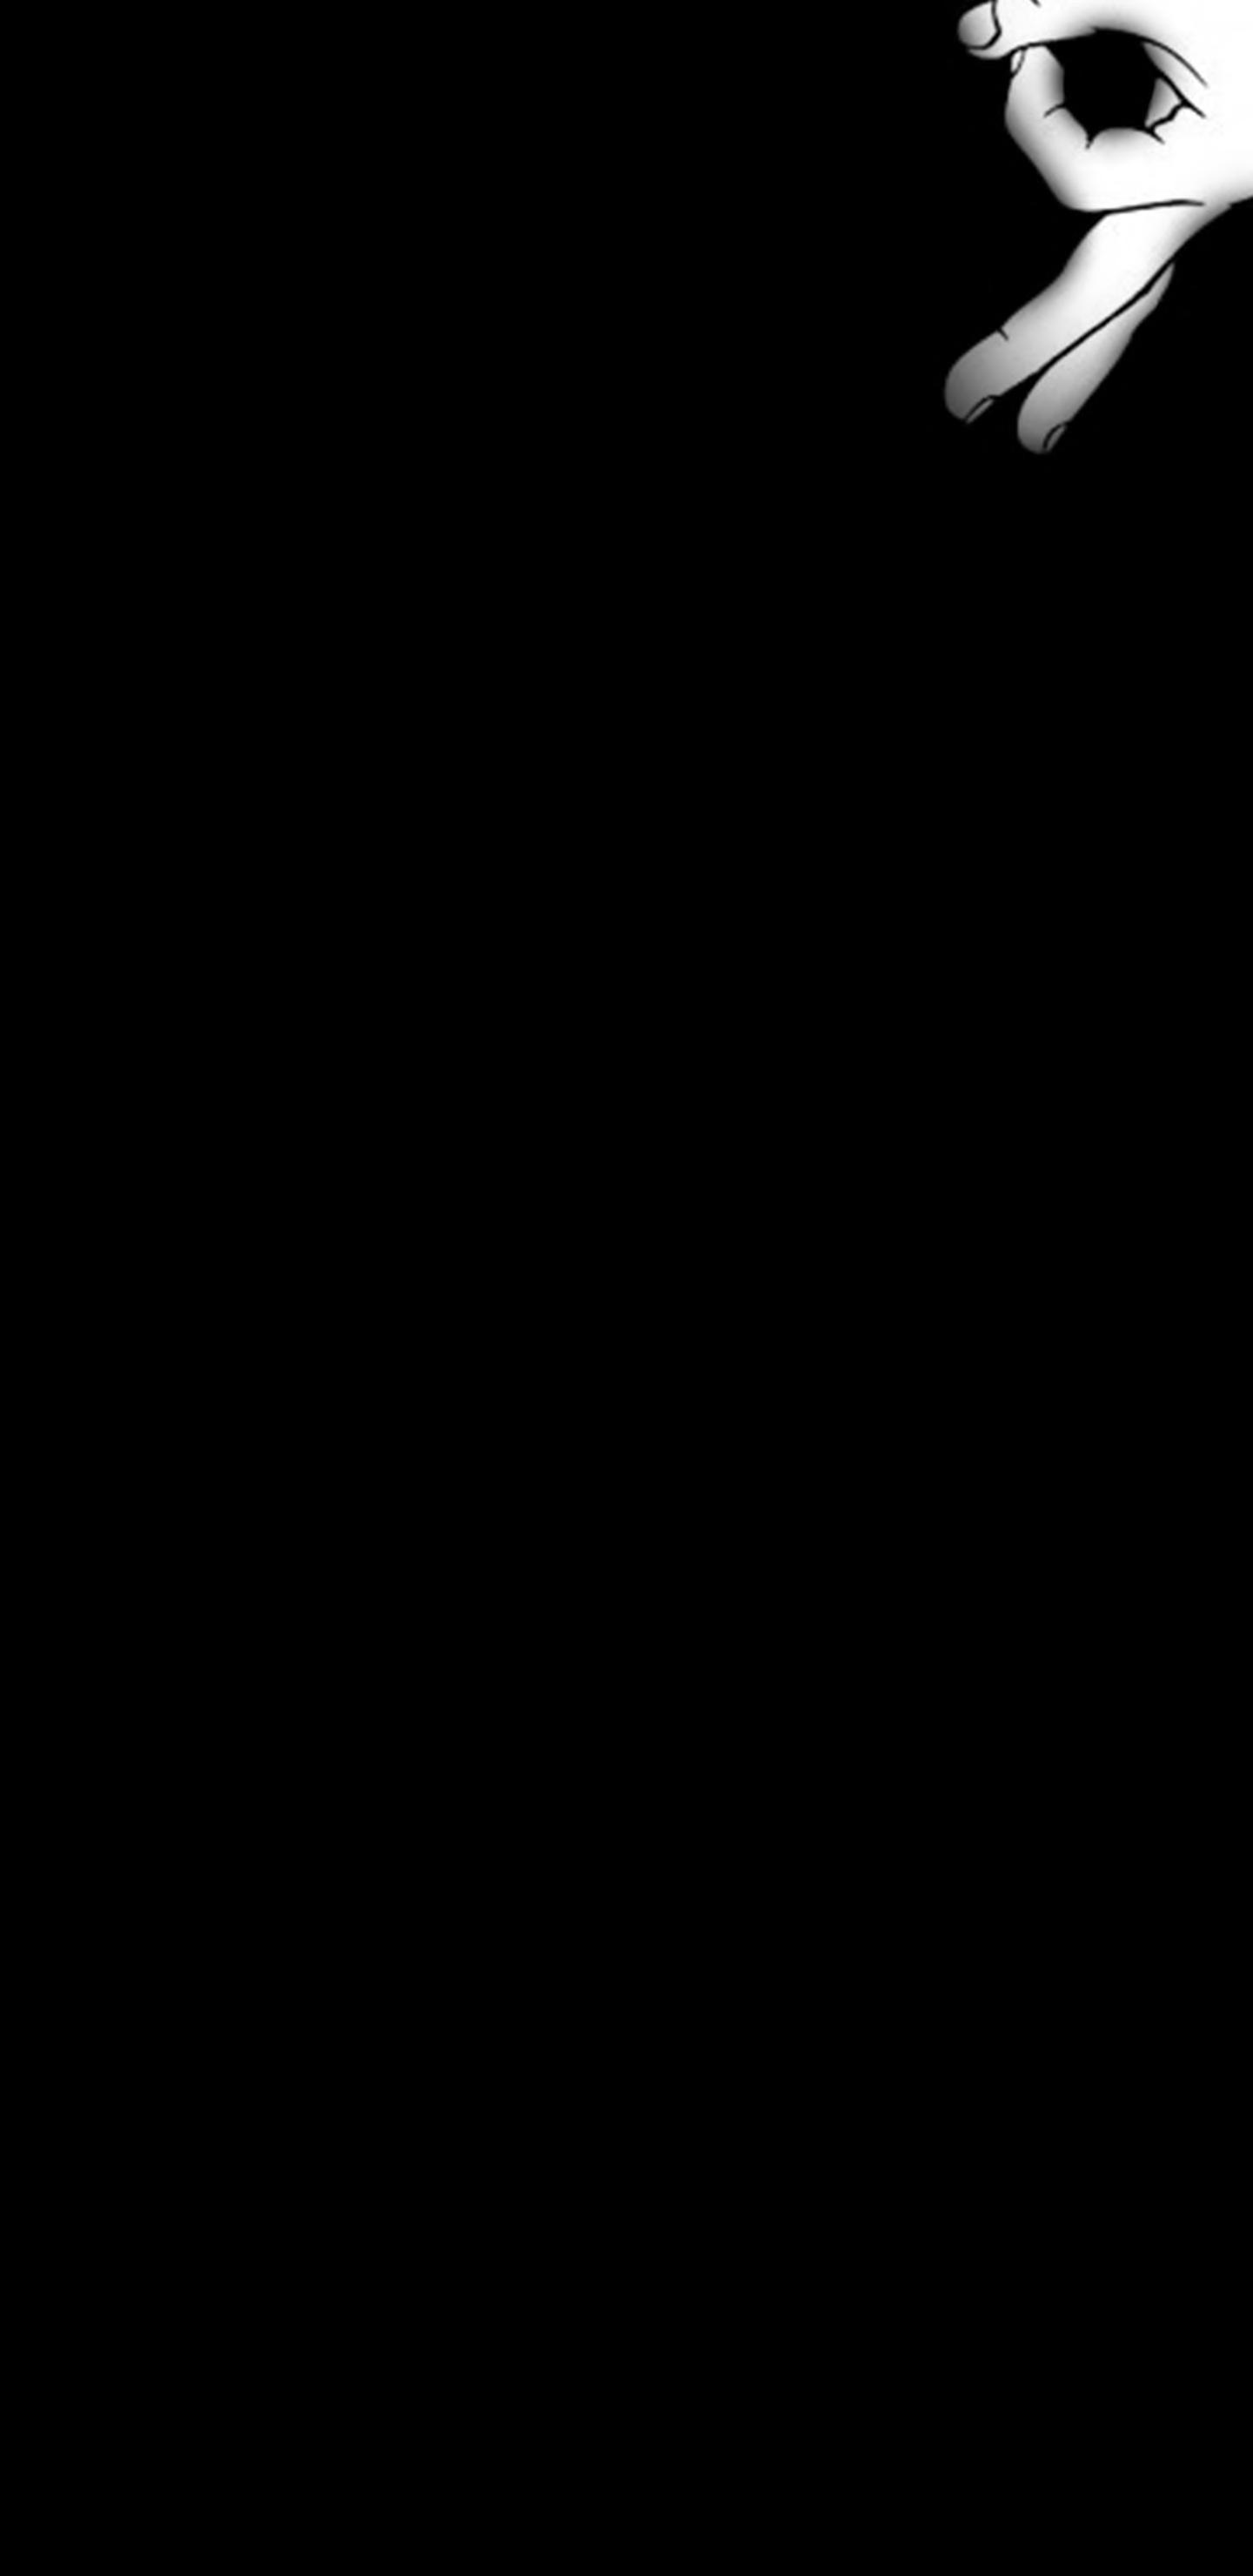 Galaxy S10 I Migliori Sfondi Per Nascondere Il Foro Della Fotocamera